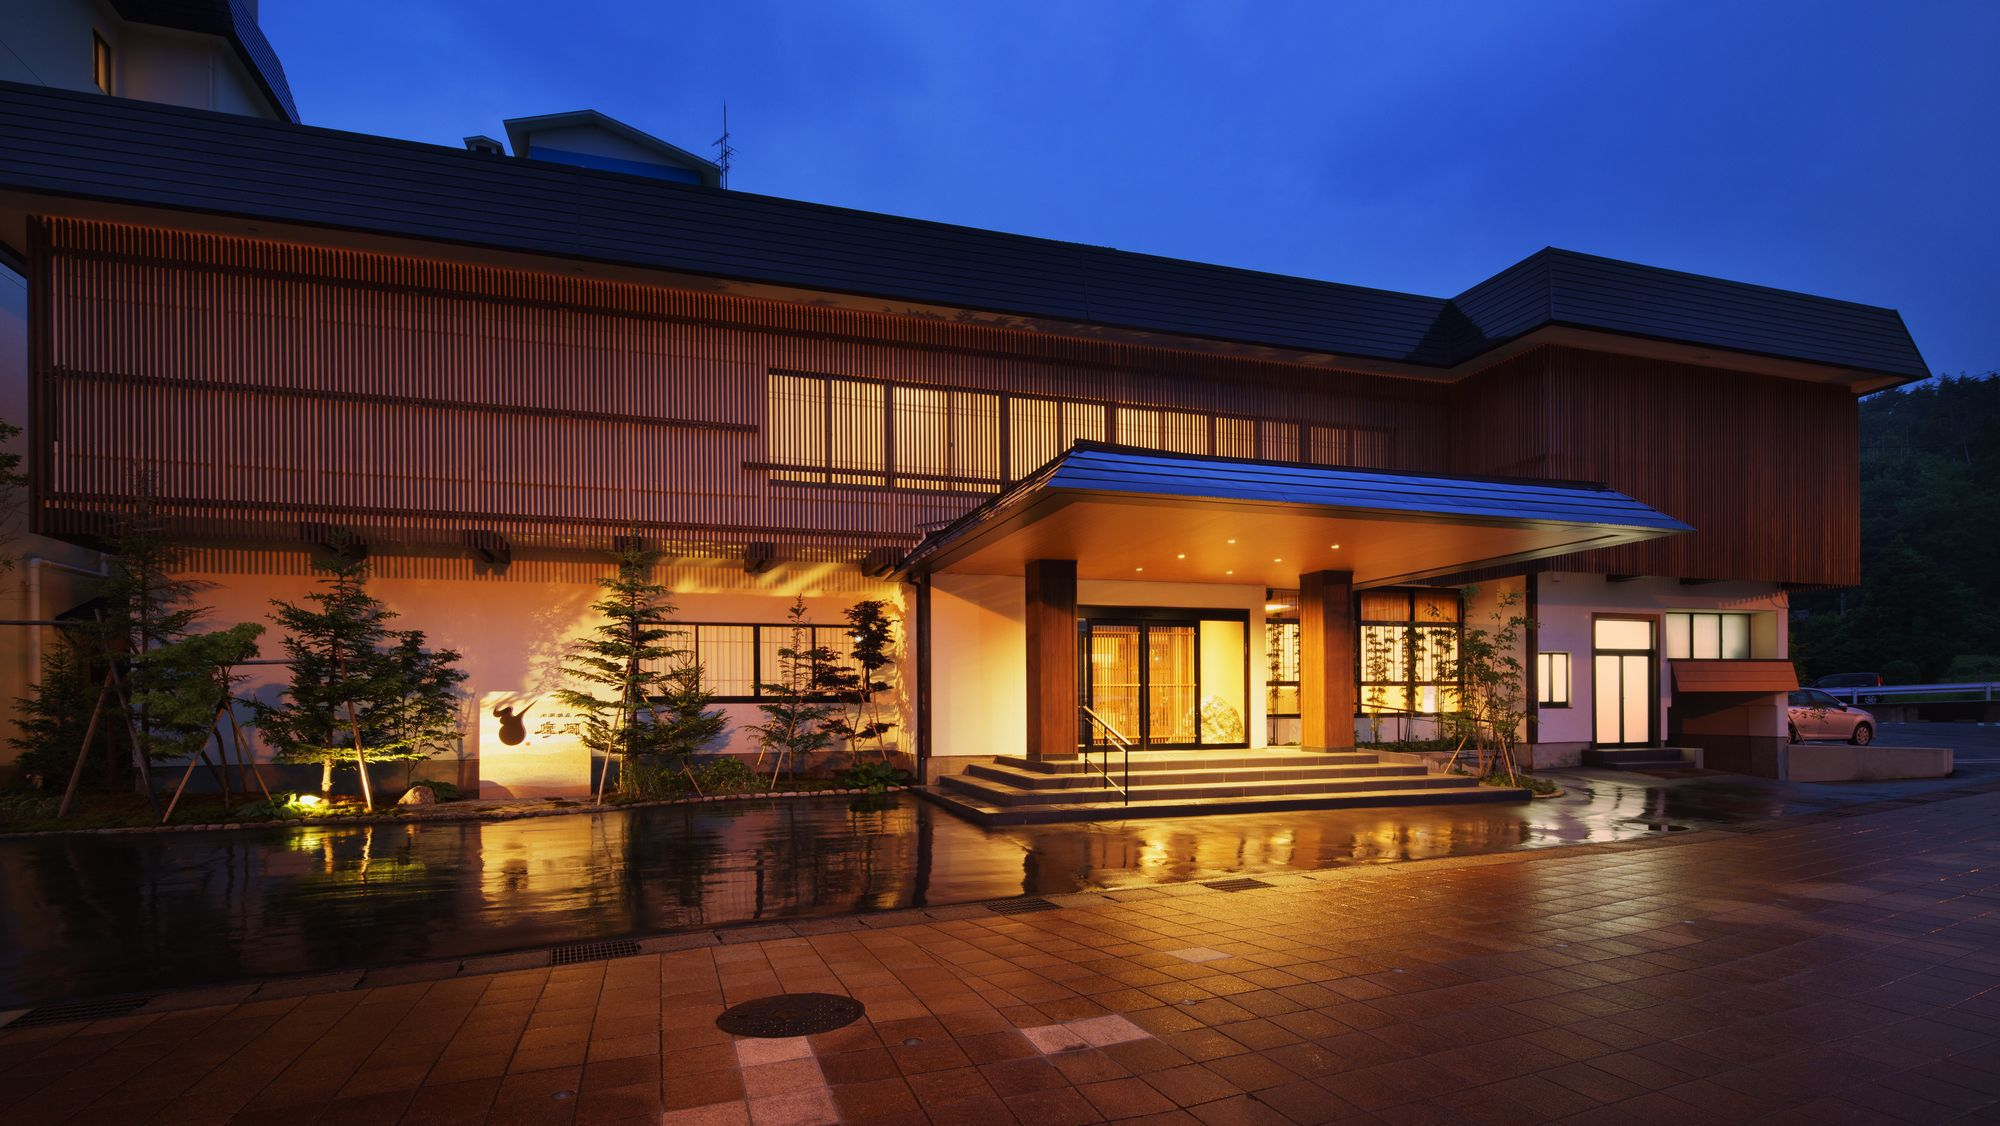 雪景色を見に新潟へ、月岡温泉で美肌の湯も堪能したい